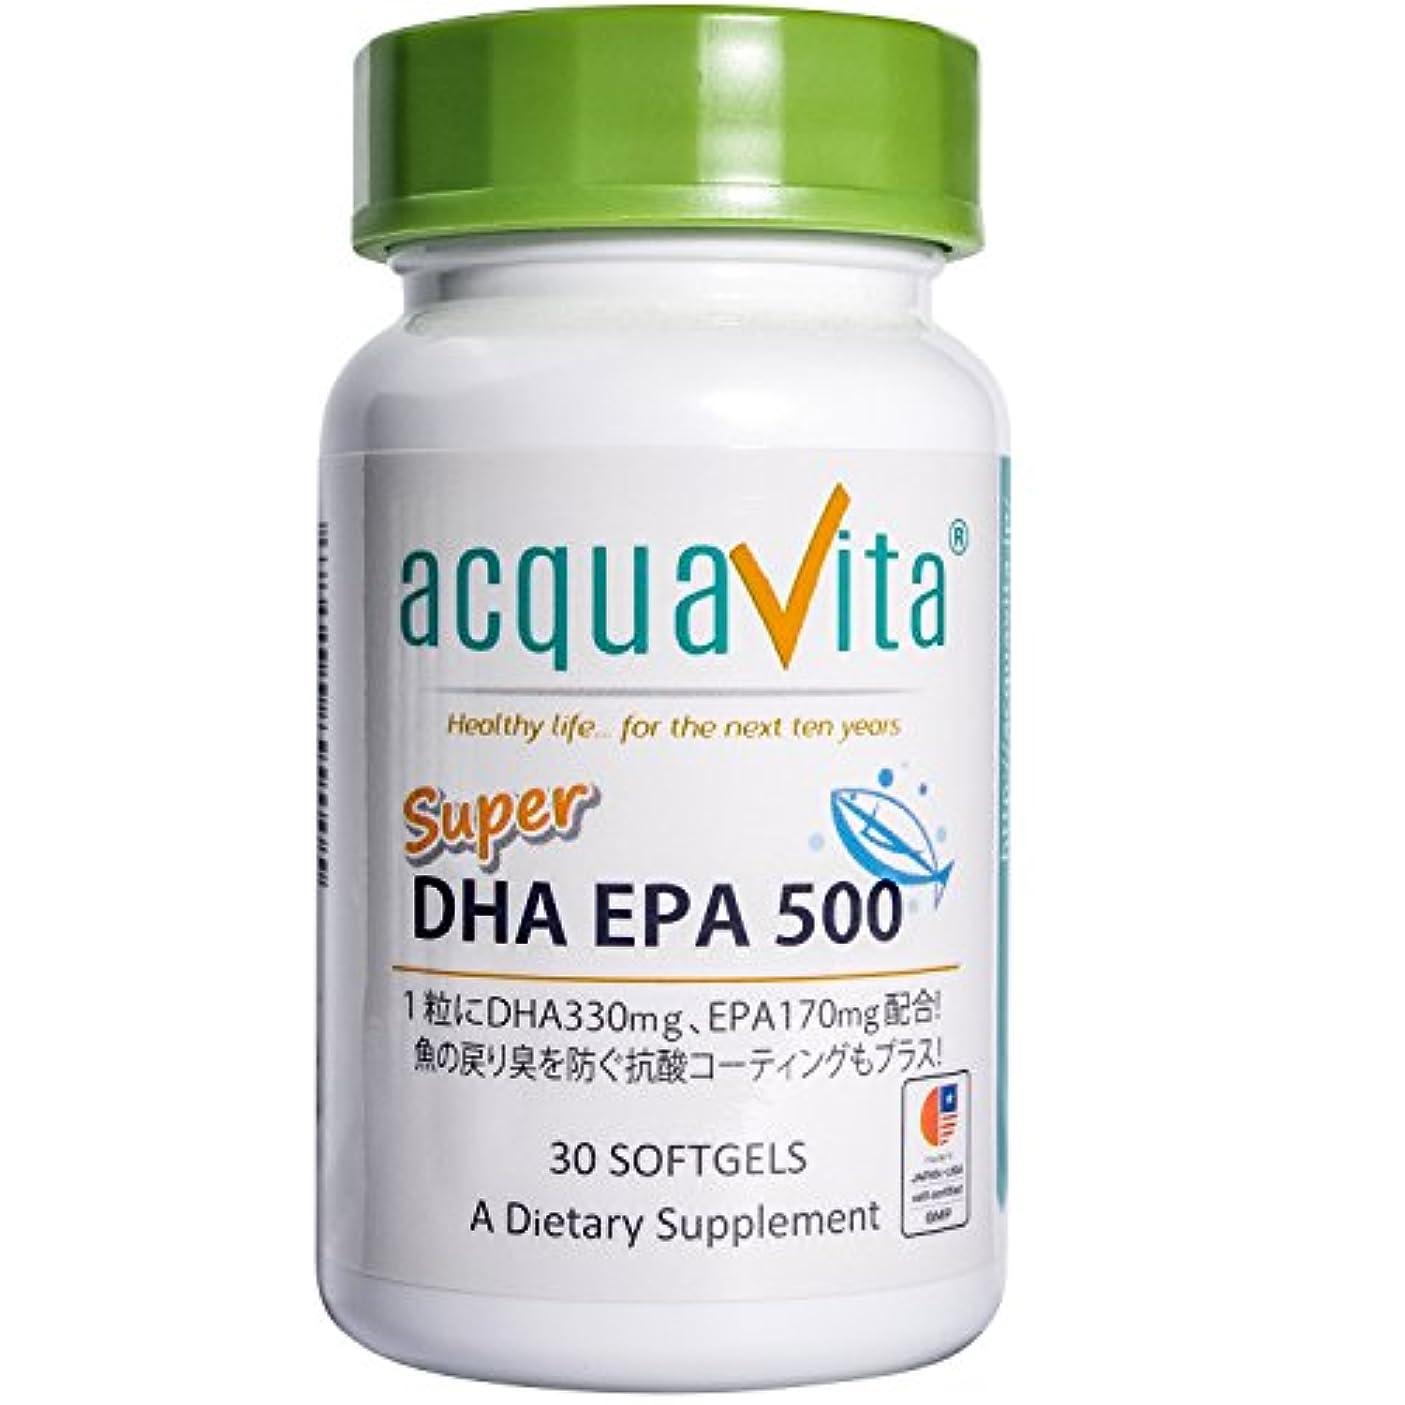 うん爆風怒りacquavita(アクアヴィータ) スーパーDHAEPA500 30粒